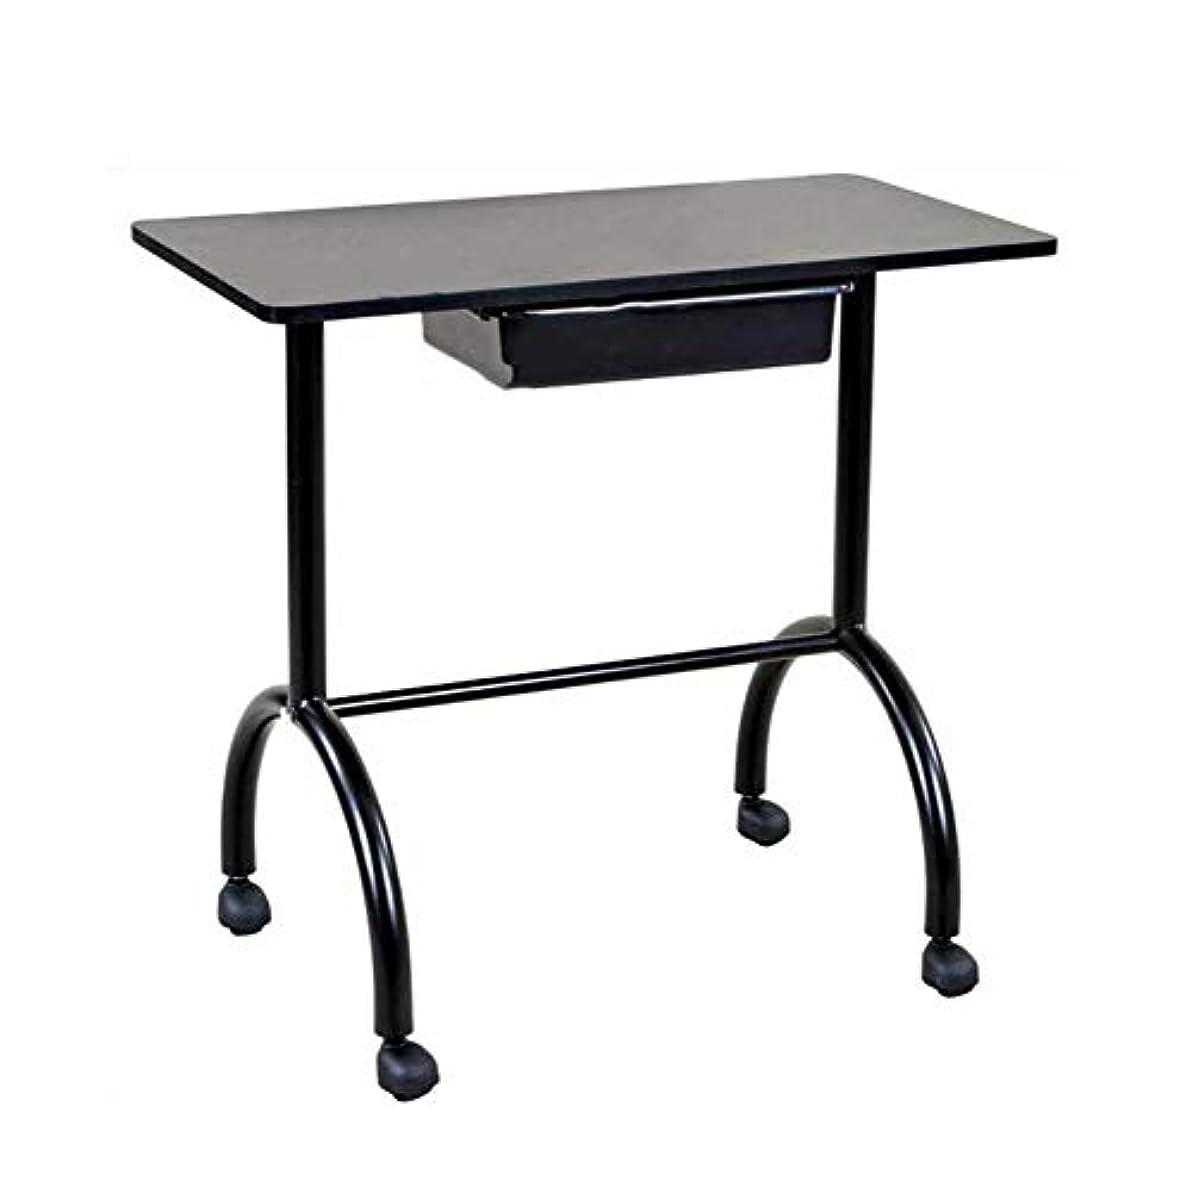 ジョージスティーブンソンバスルーム電子ネイルテーブルポータブルマニキュアテーブルベントネイルデスクワークステーションサロンスパネイルアートビューティーサロン備品黒